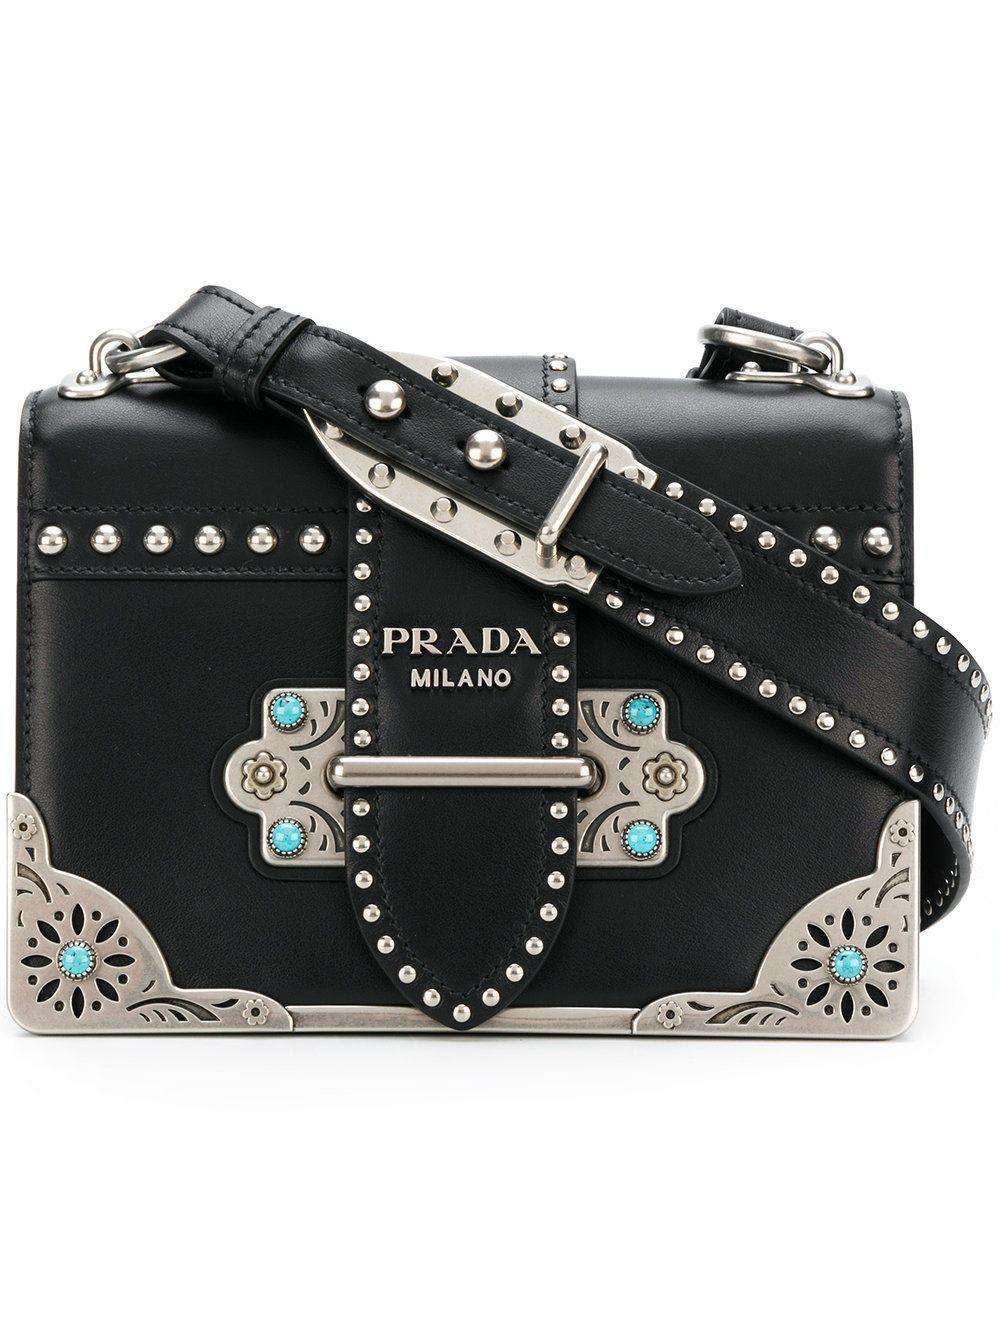 Prada Cahier Shoulder Bag  f53e50dd2fbe6